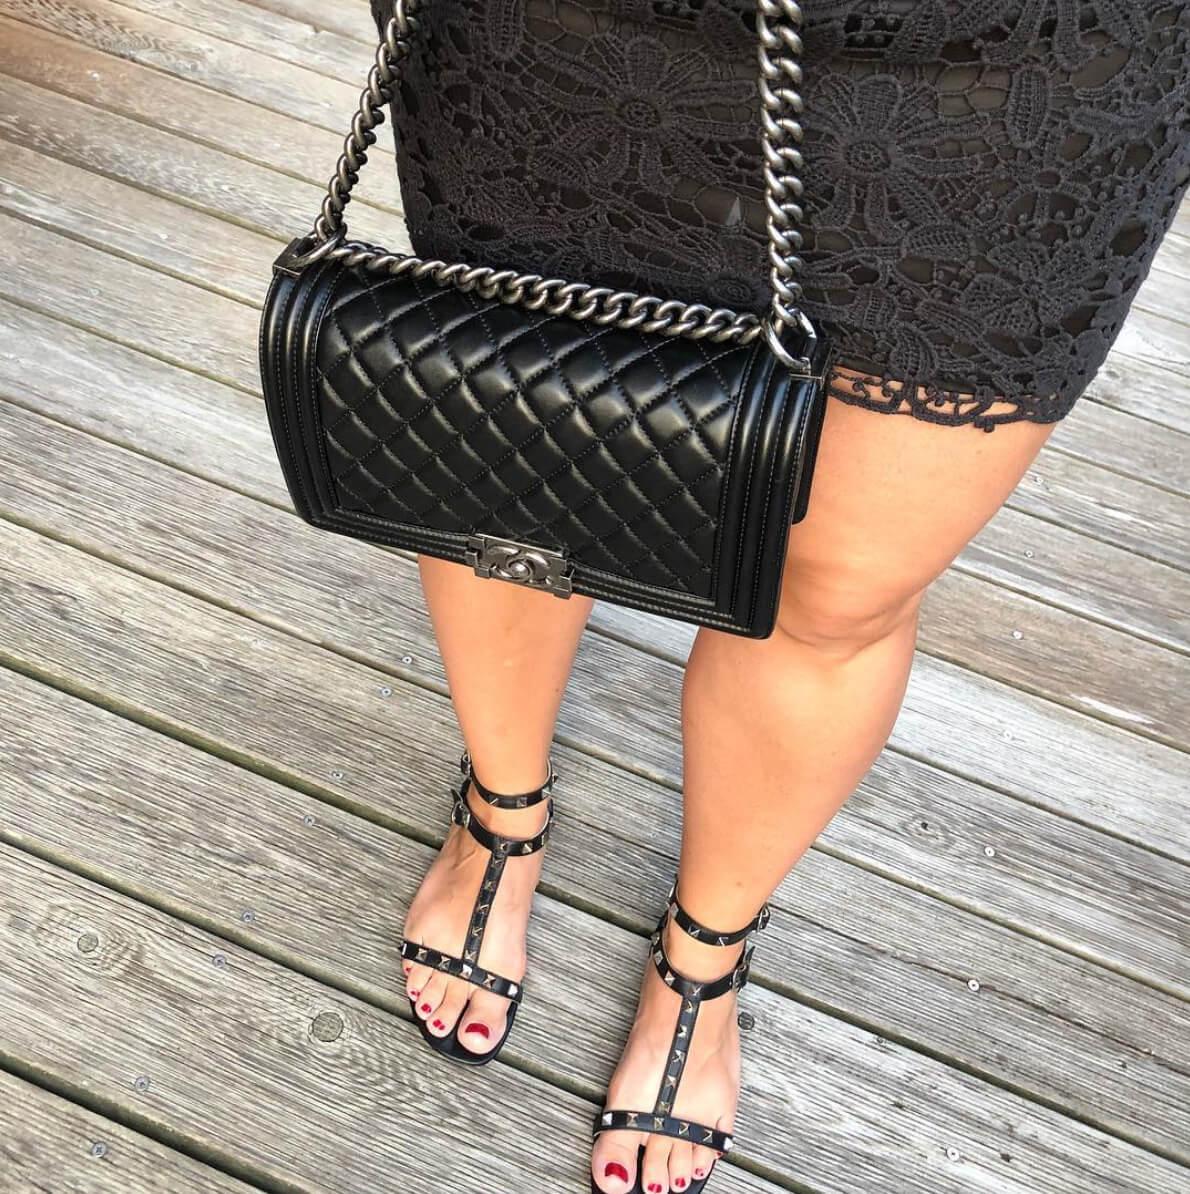 chanel boy bag in black